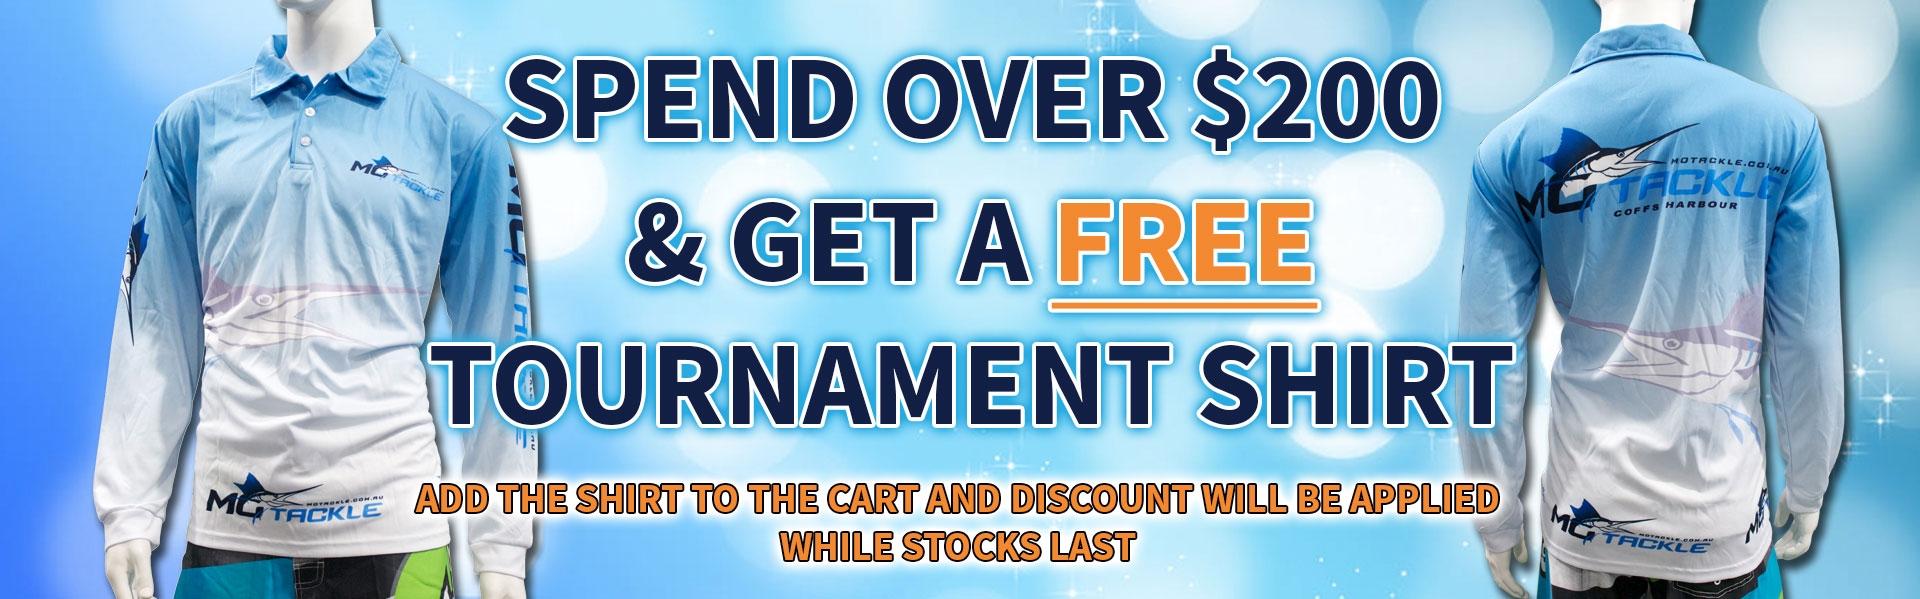 $200 Tournament Shirt Deal